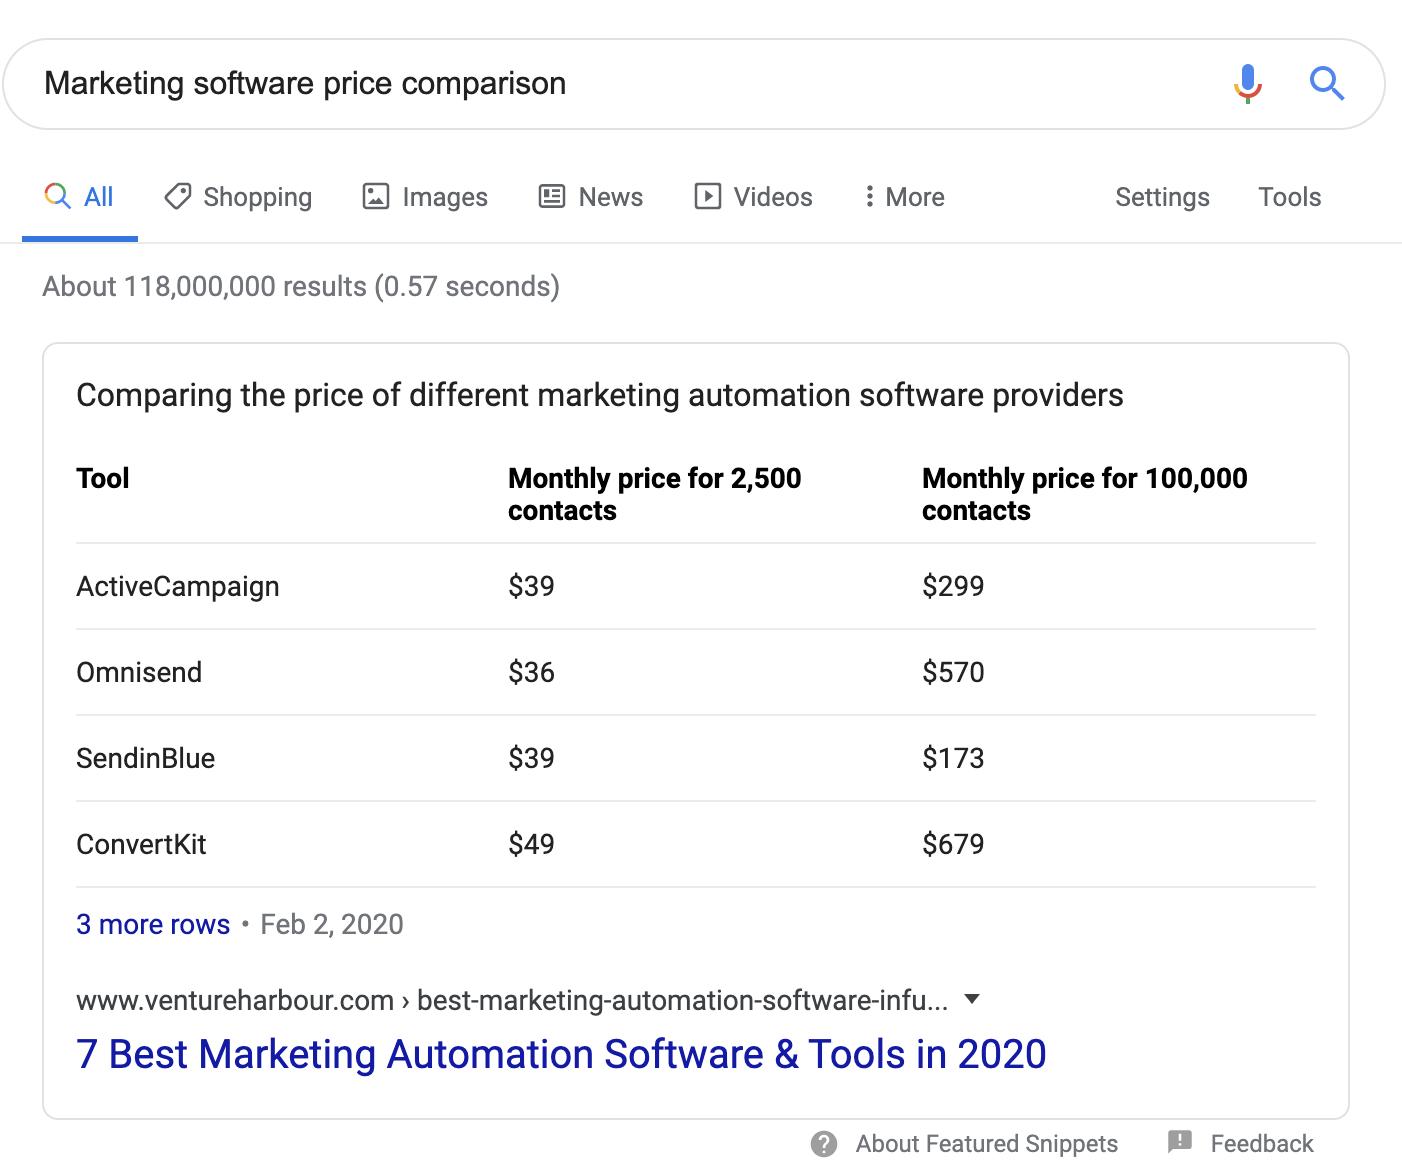 marketing software price comparison